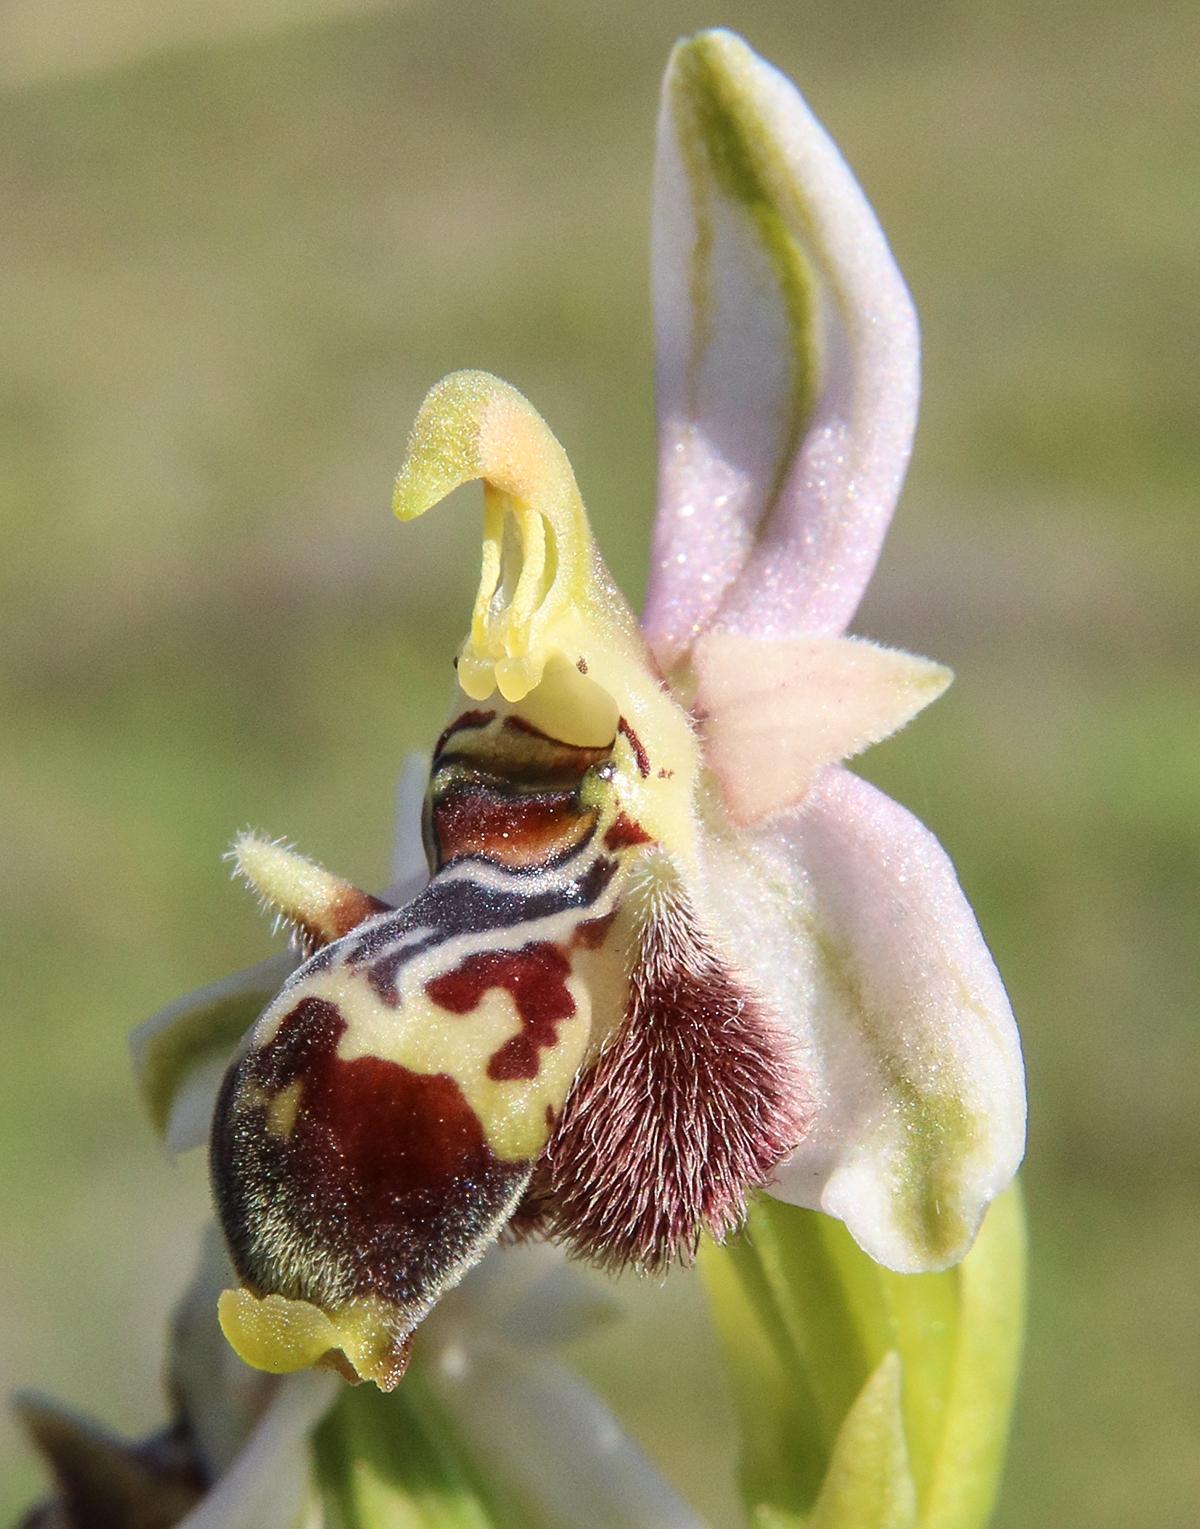 דבורנית החרמון. צילם: עוז גולן©